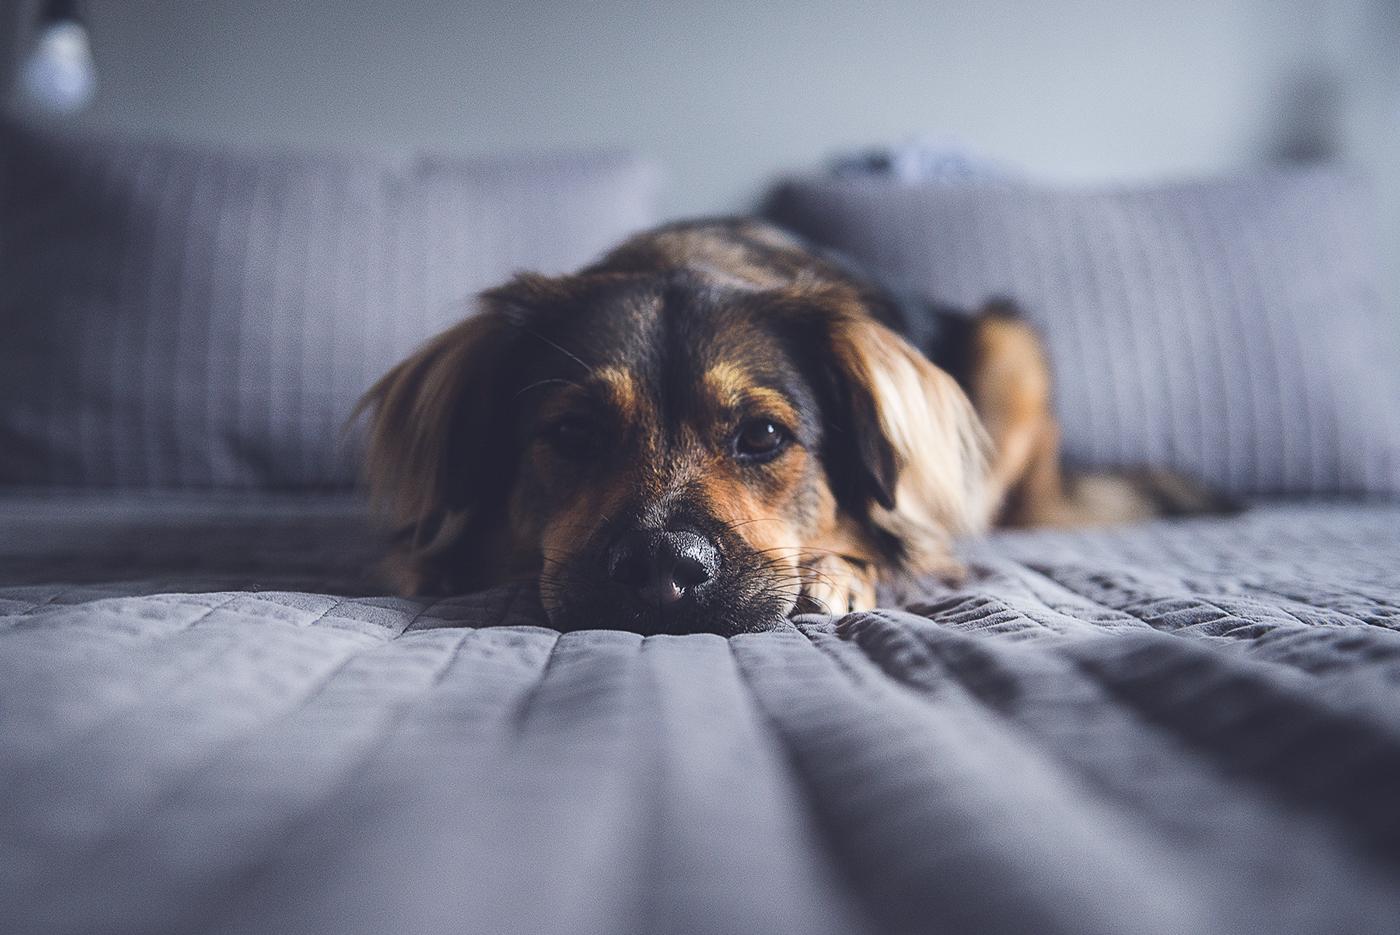 pet photography fotografia de estimação dogs cães Mutts